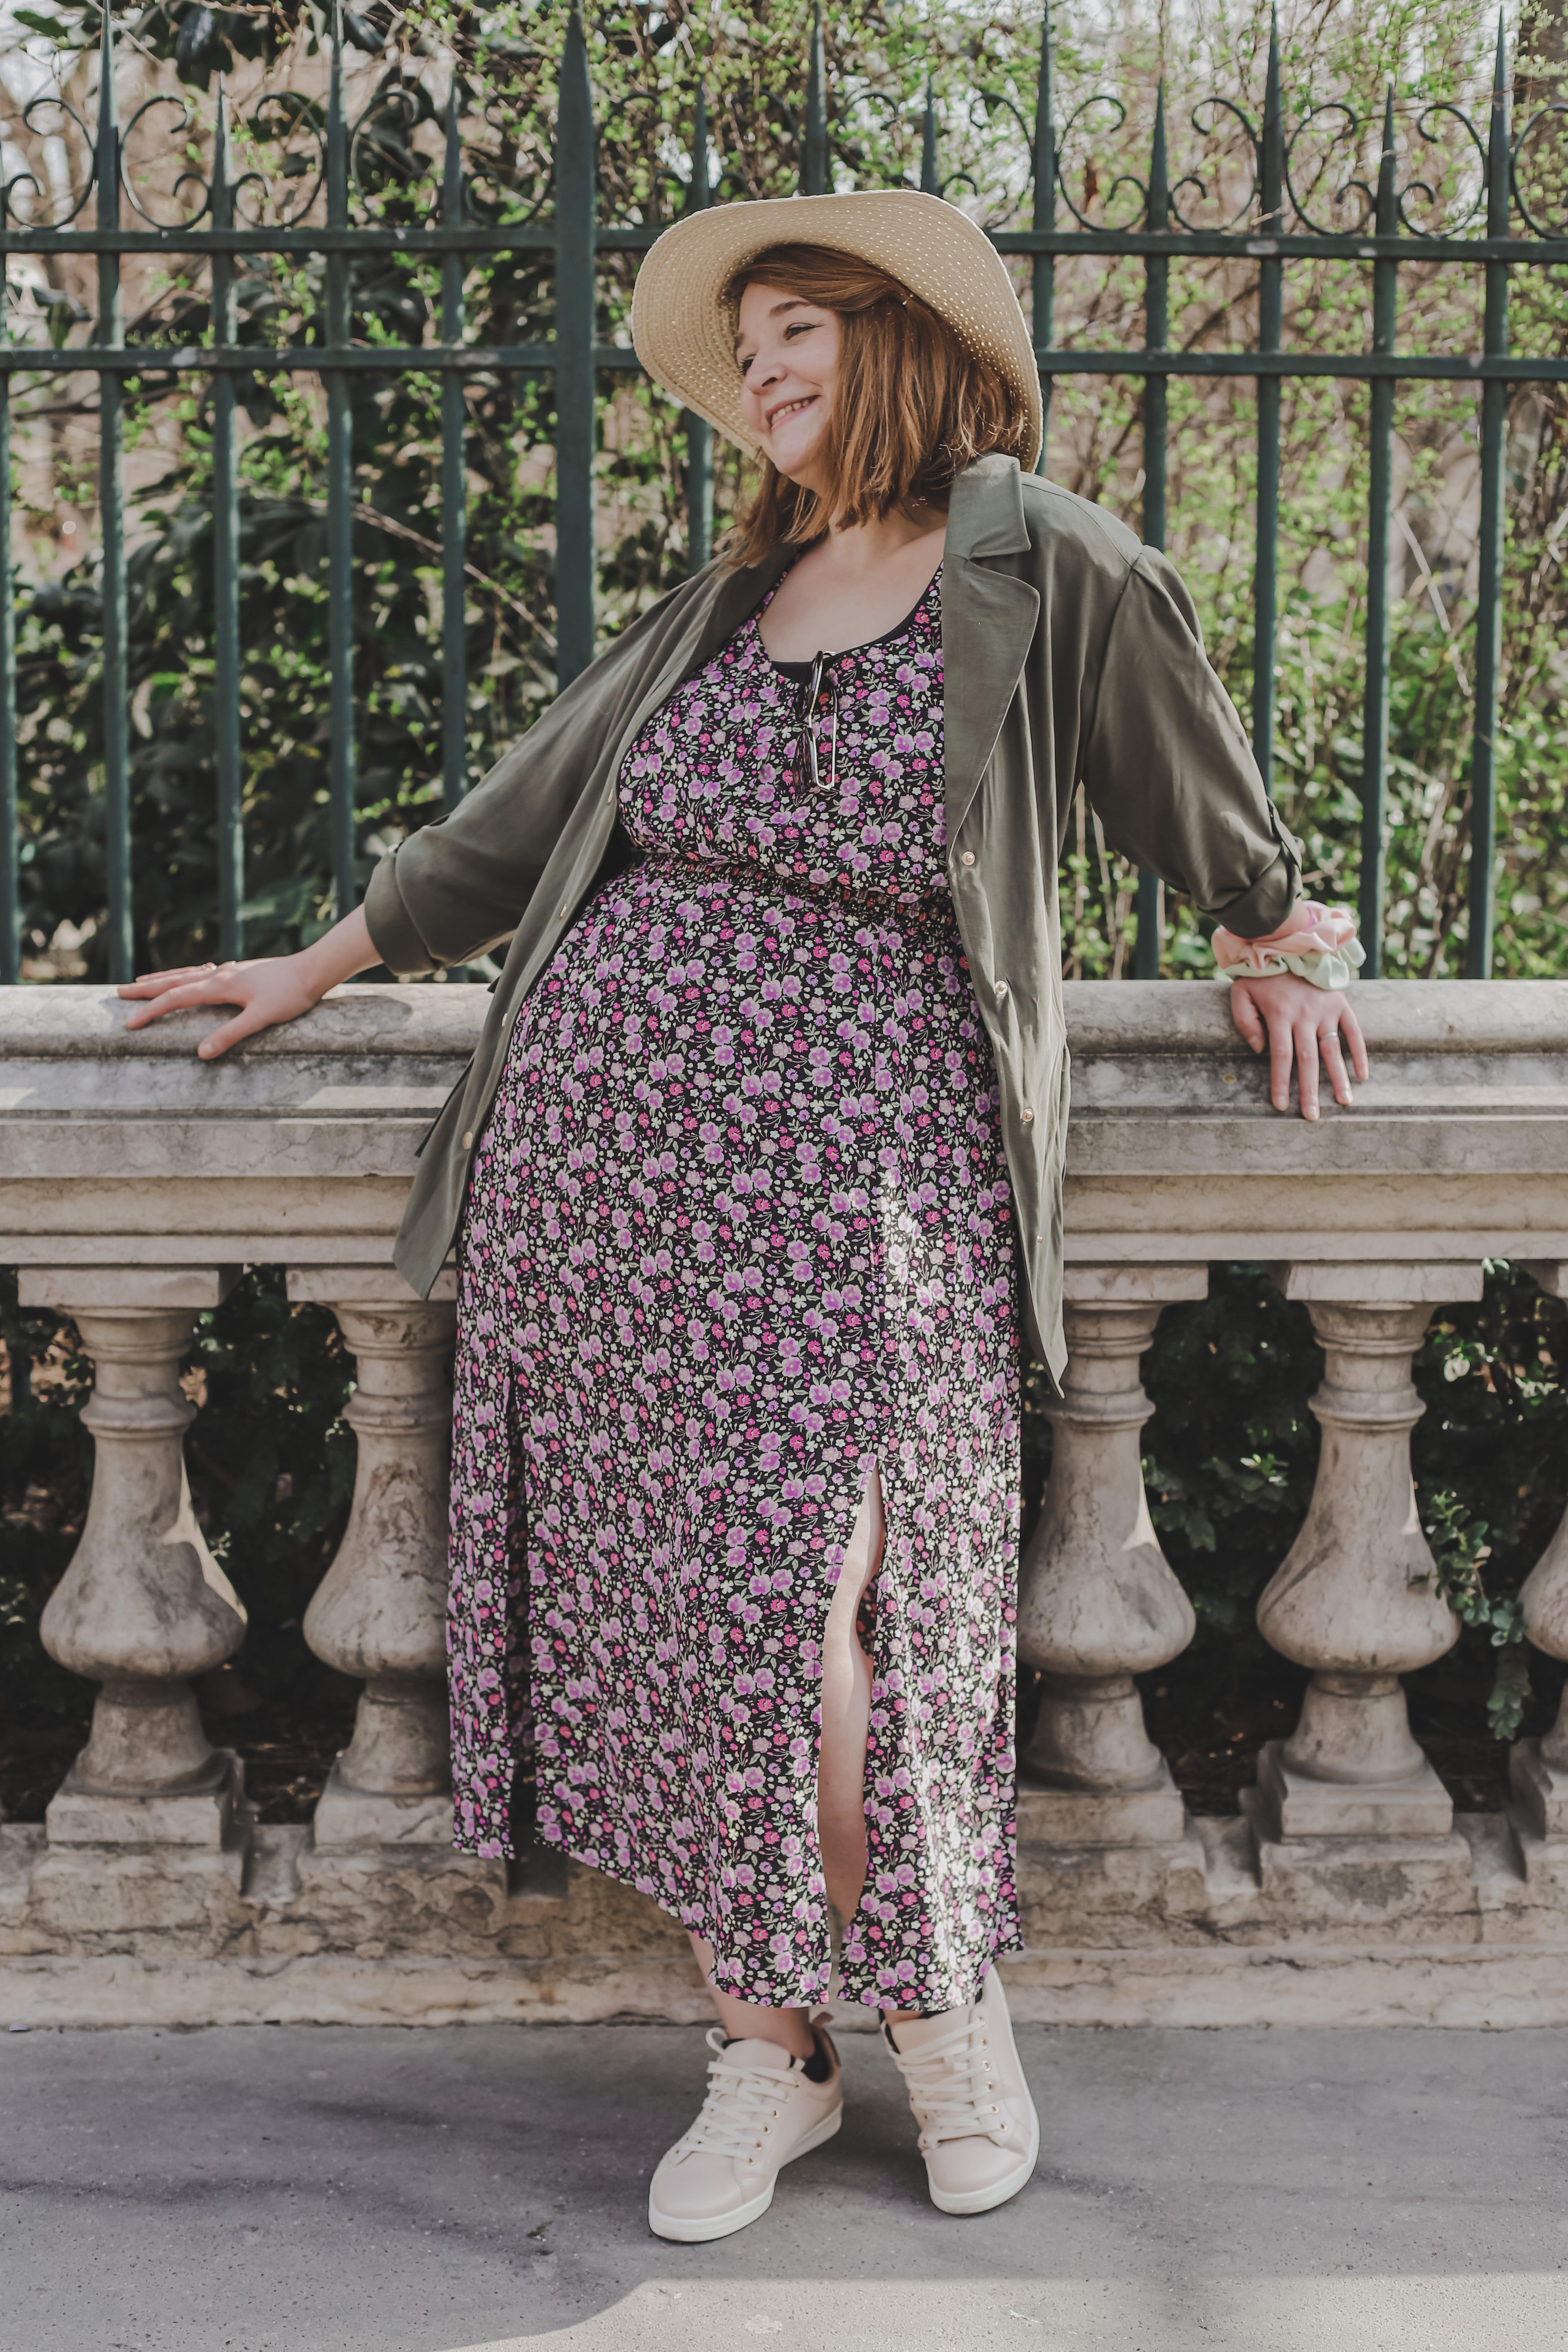 manon, rédactrice Madmoizelle habillée avec la nouvelle collection Kiabi